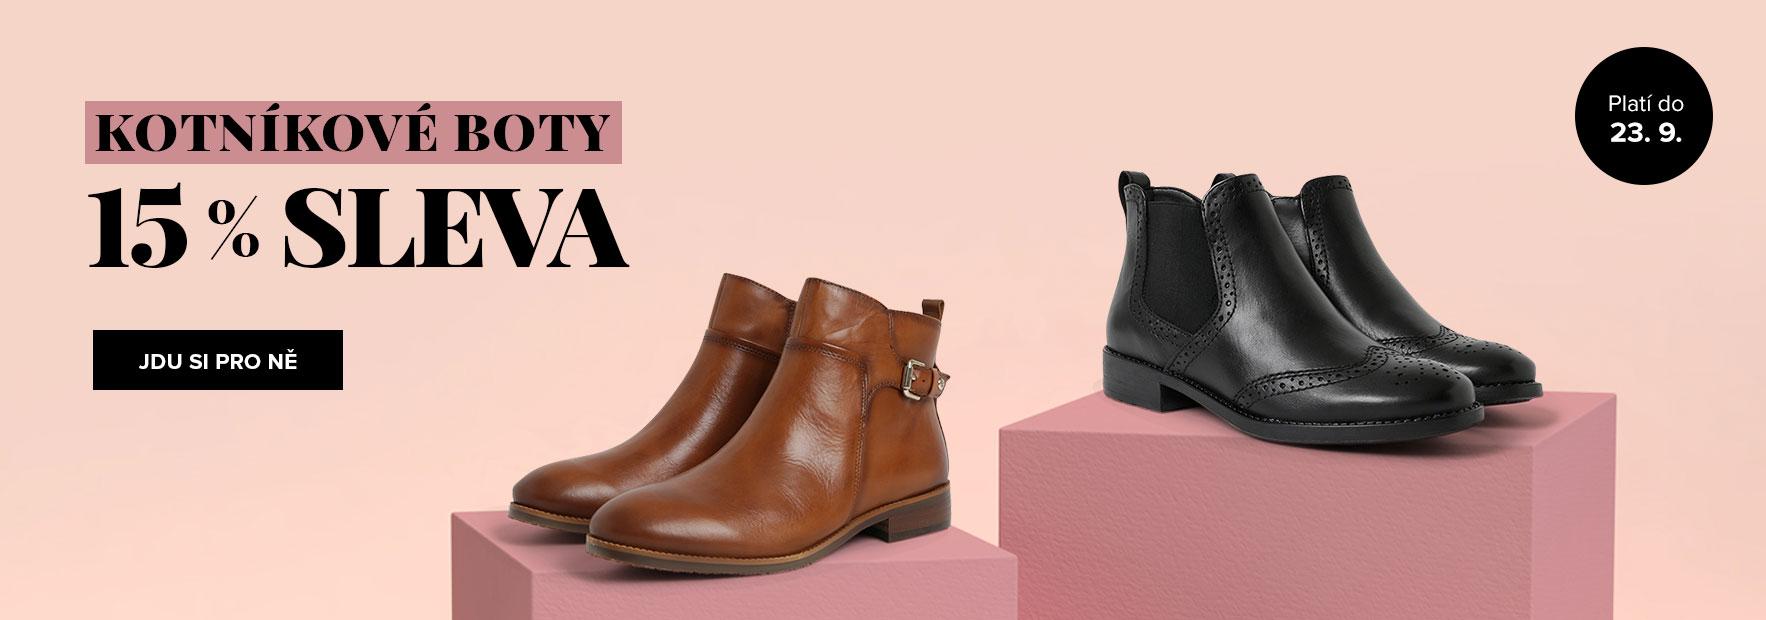 Kotníkové boty s 15% slevou PRO NI